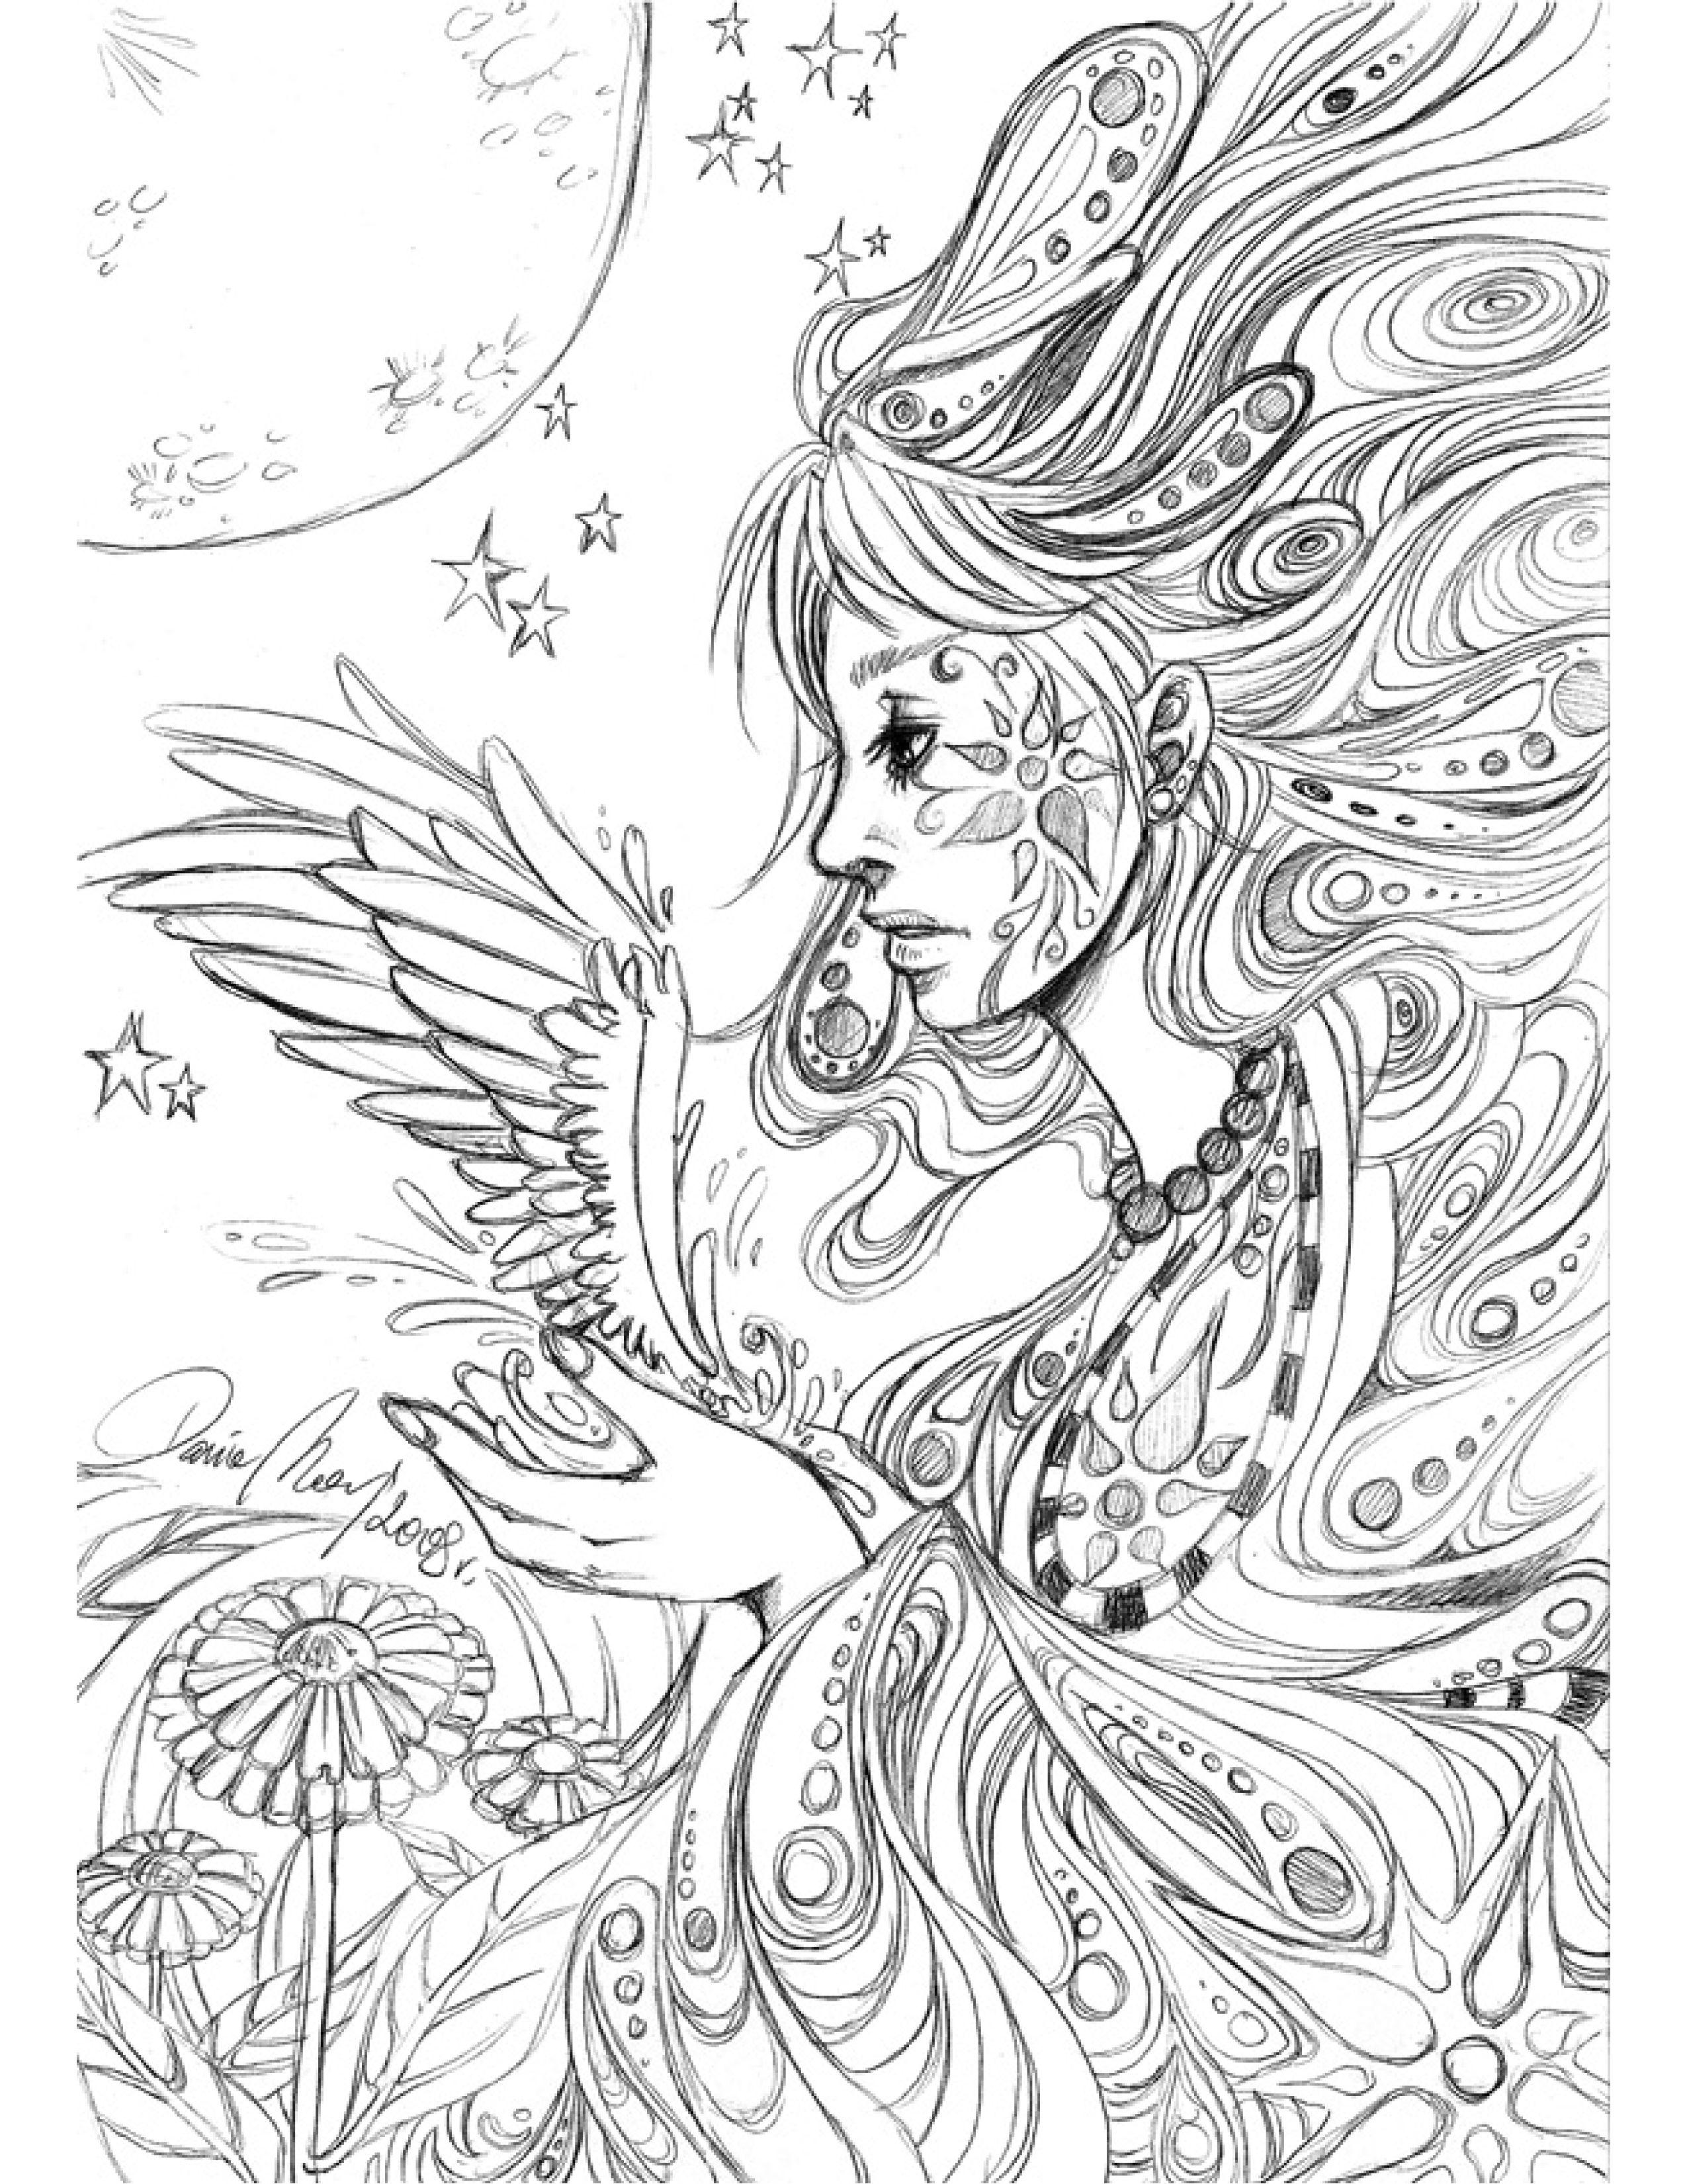 Sketch personnage ange coloriage pour imprimer par Dar ...